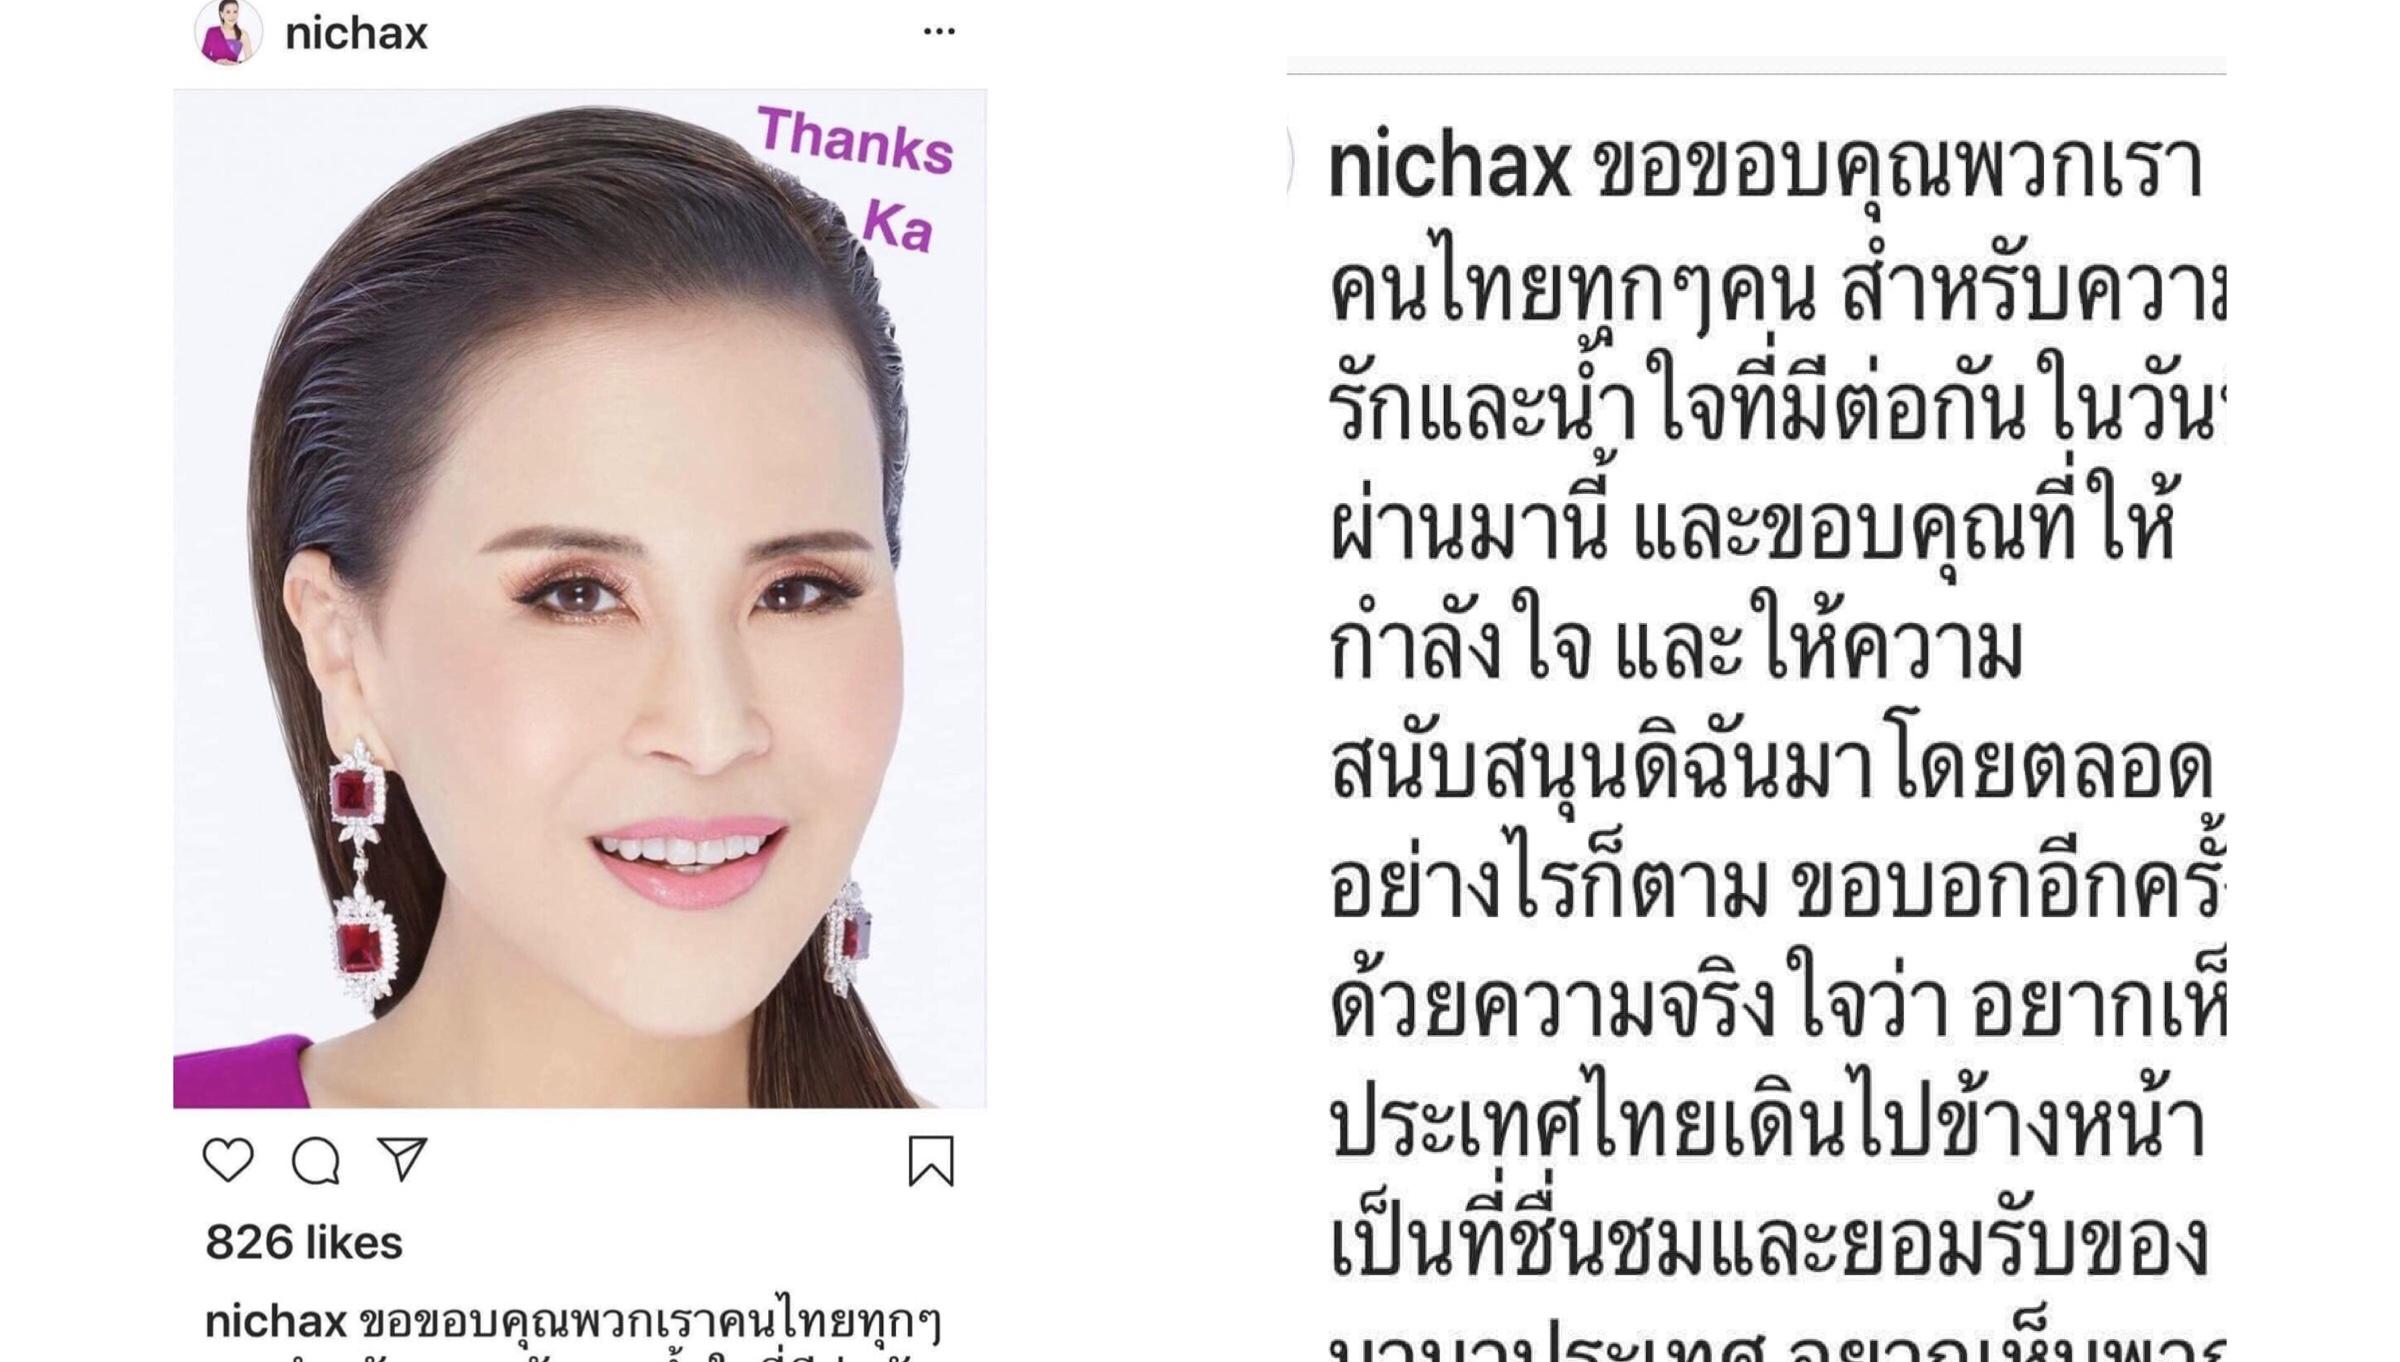 ข่าววันนี้ ข่าวสดวันนี้ ทูลกระหม่อม ทูลกระหม่อมหญิง พรรคไทยรักษาชาติ พระราชโองการ